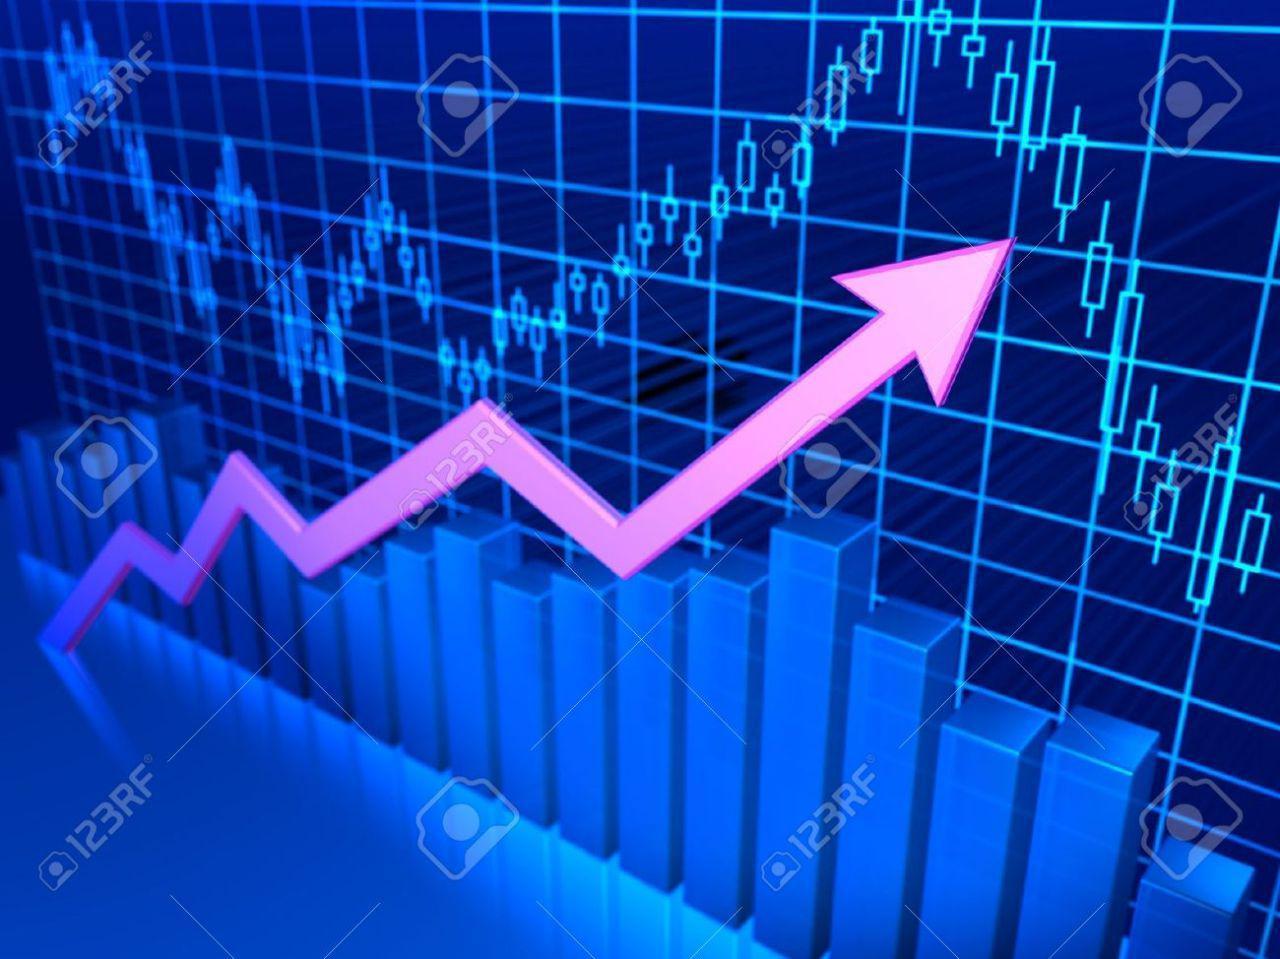 انواع تحلیل های کاربردی بازار سهام